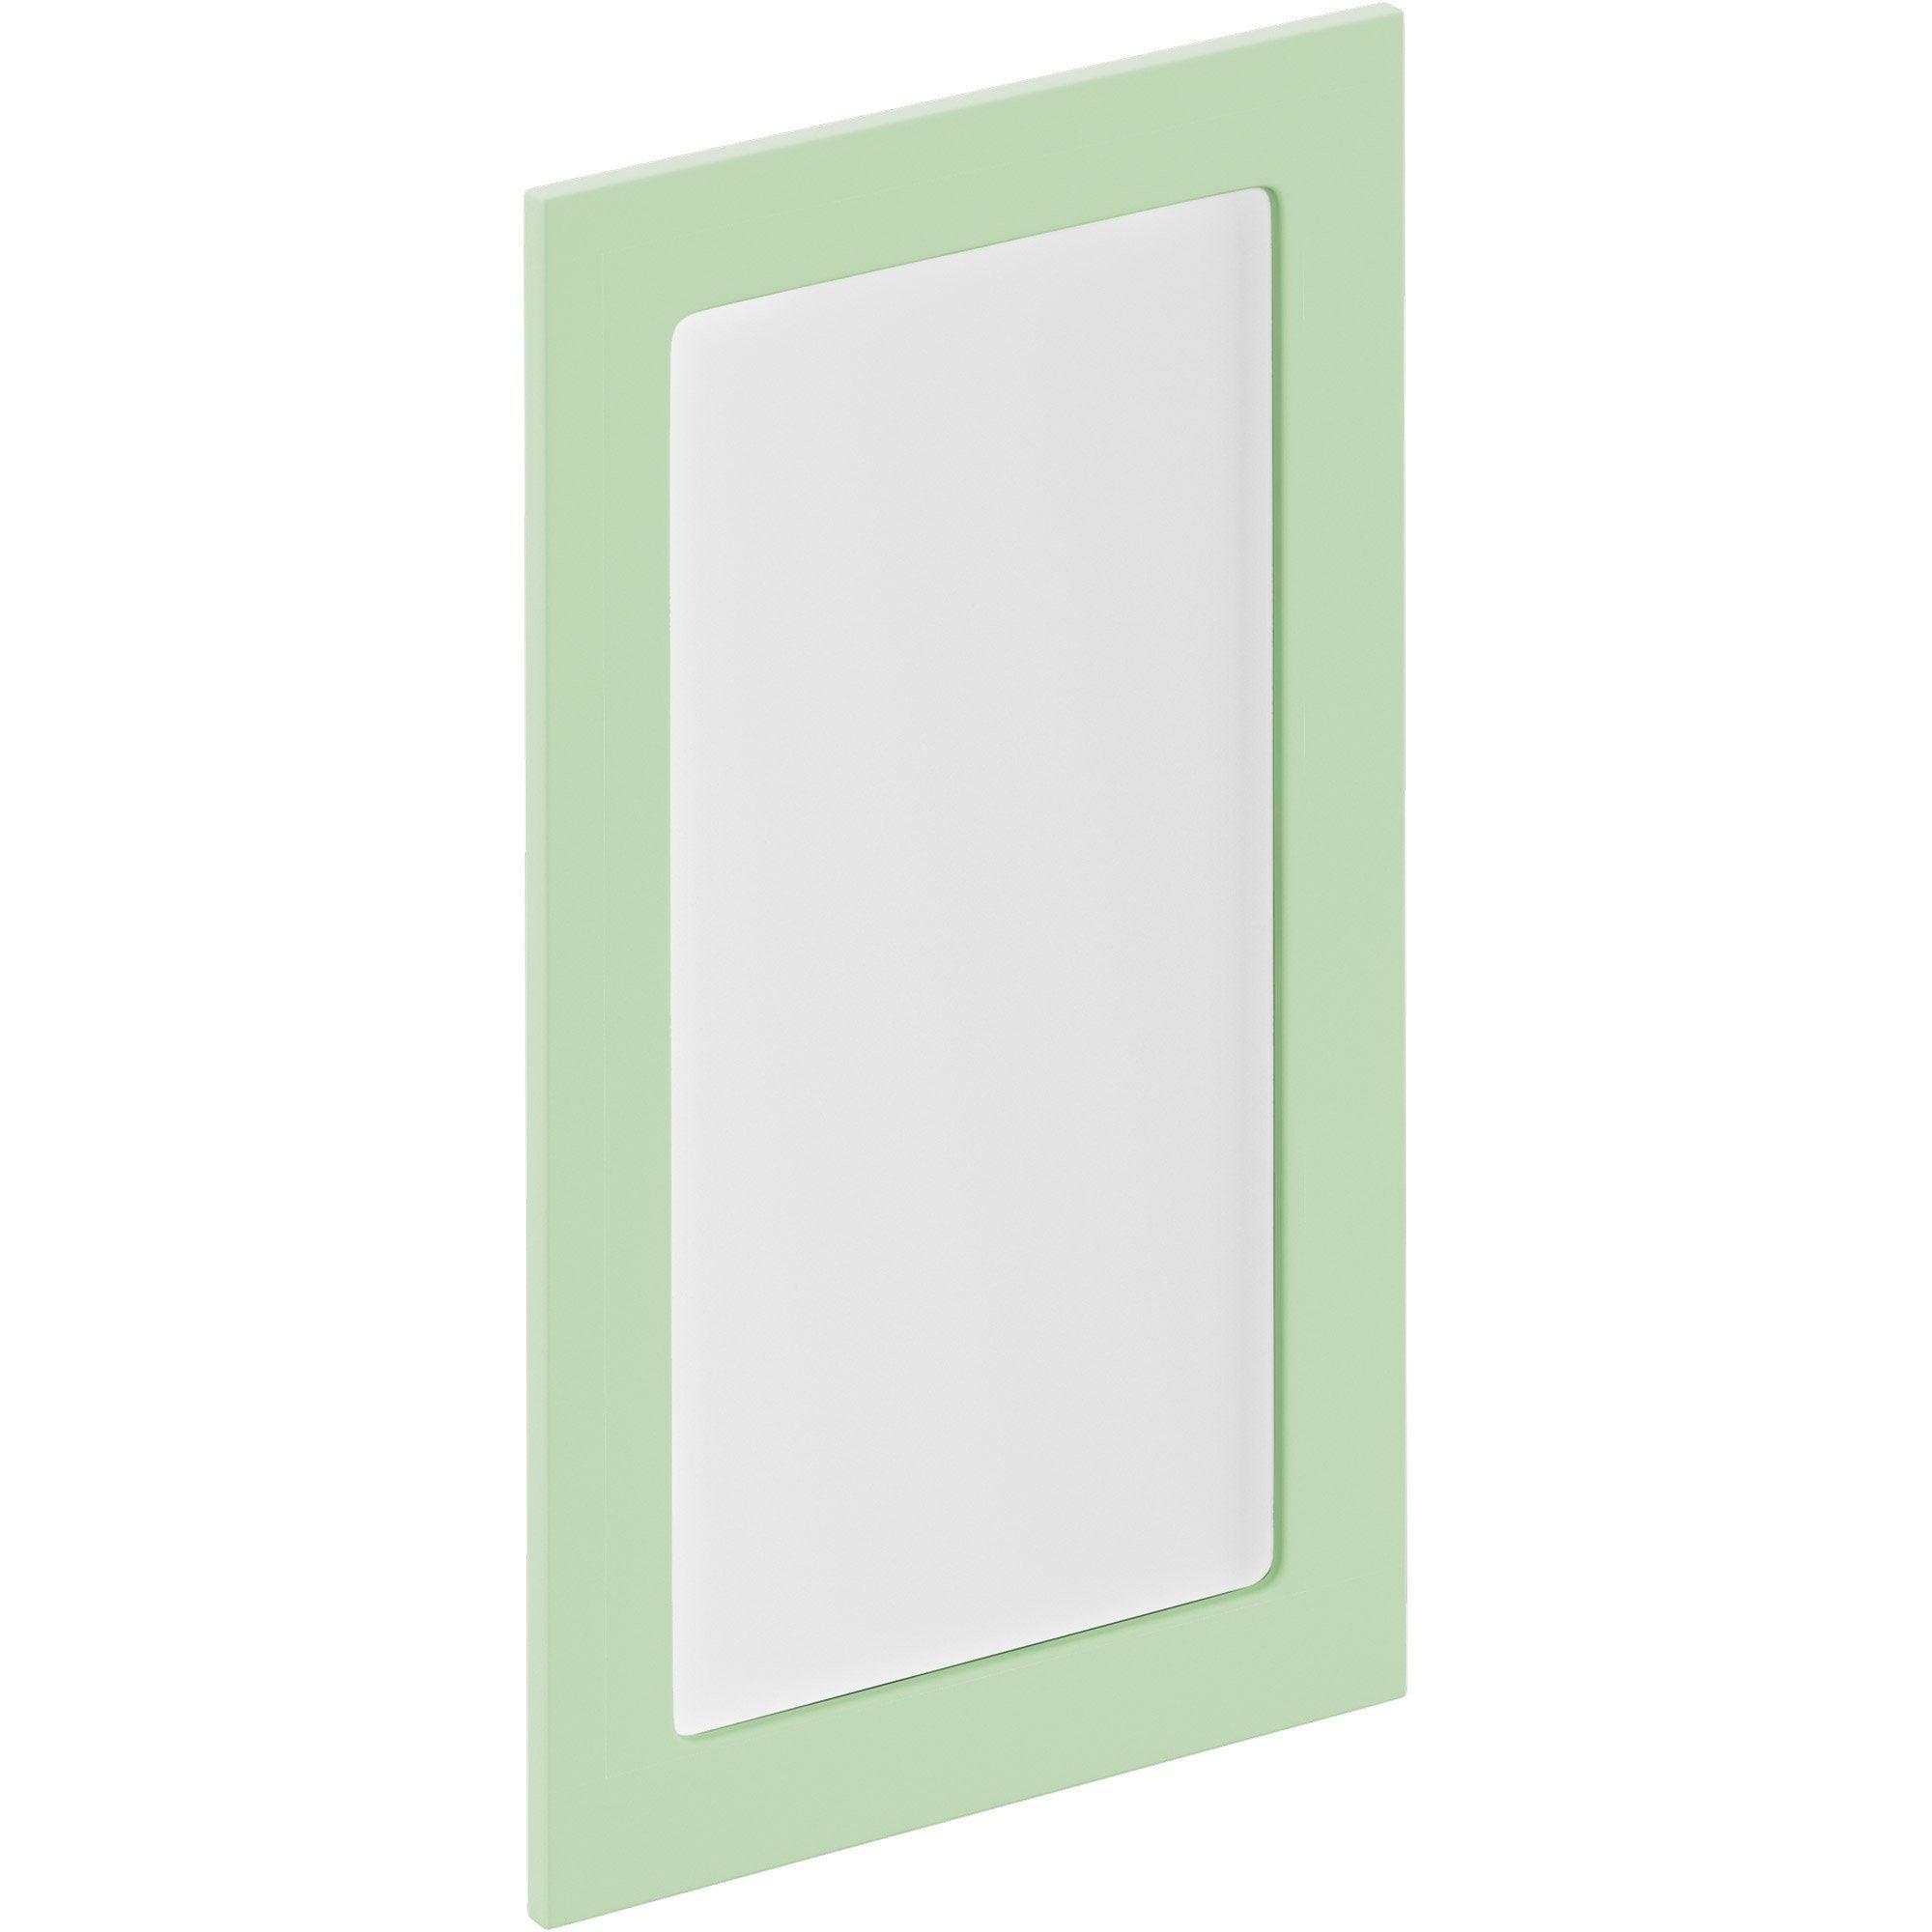 Porte de cuisine vitr e sevilla vert d 39 eau delinia id x cm leroy merlin - Porte de cuisine vitree ...